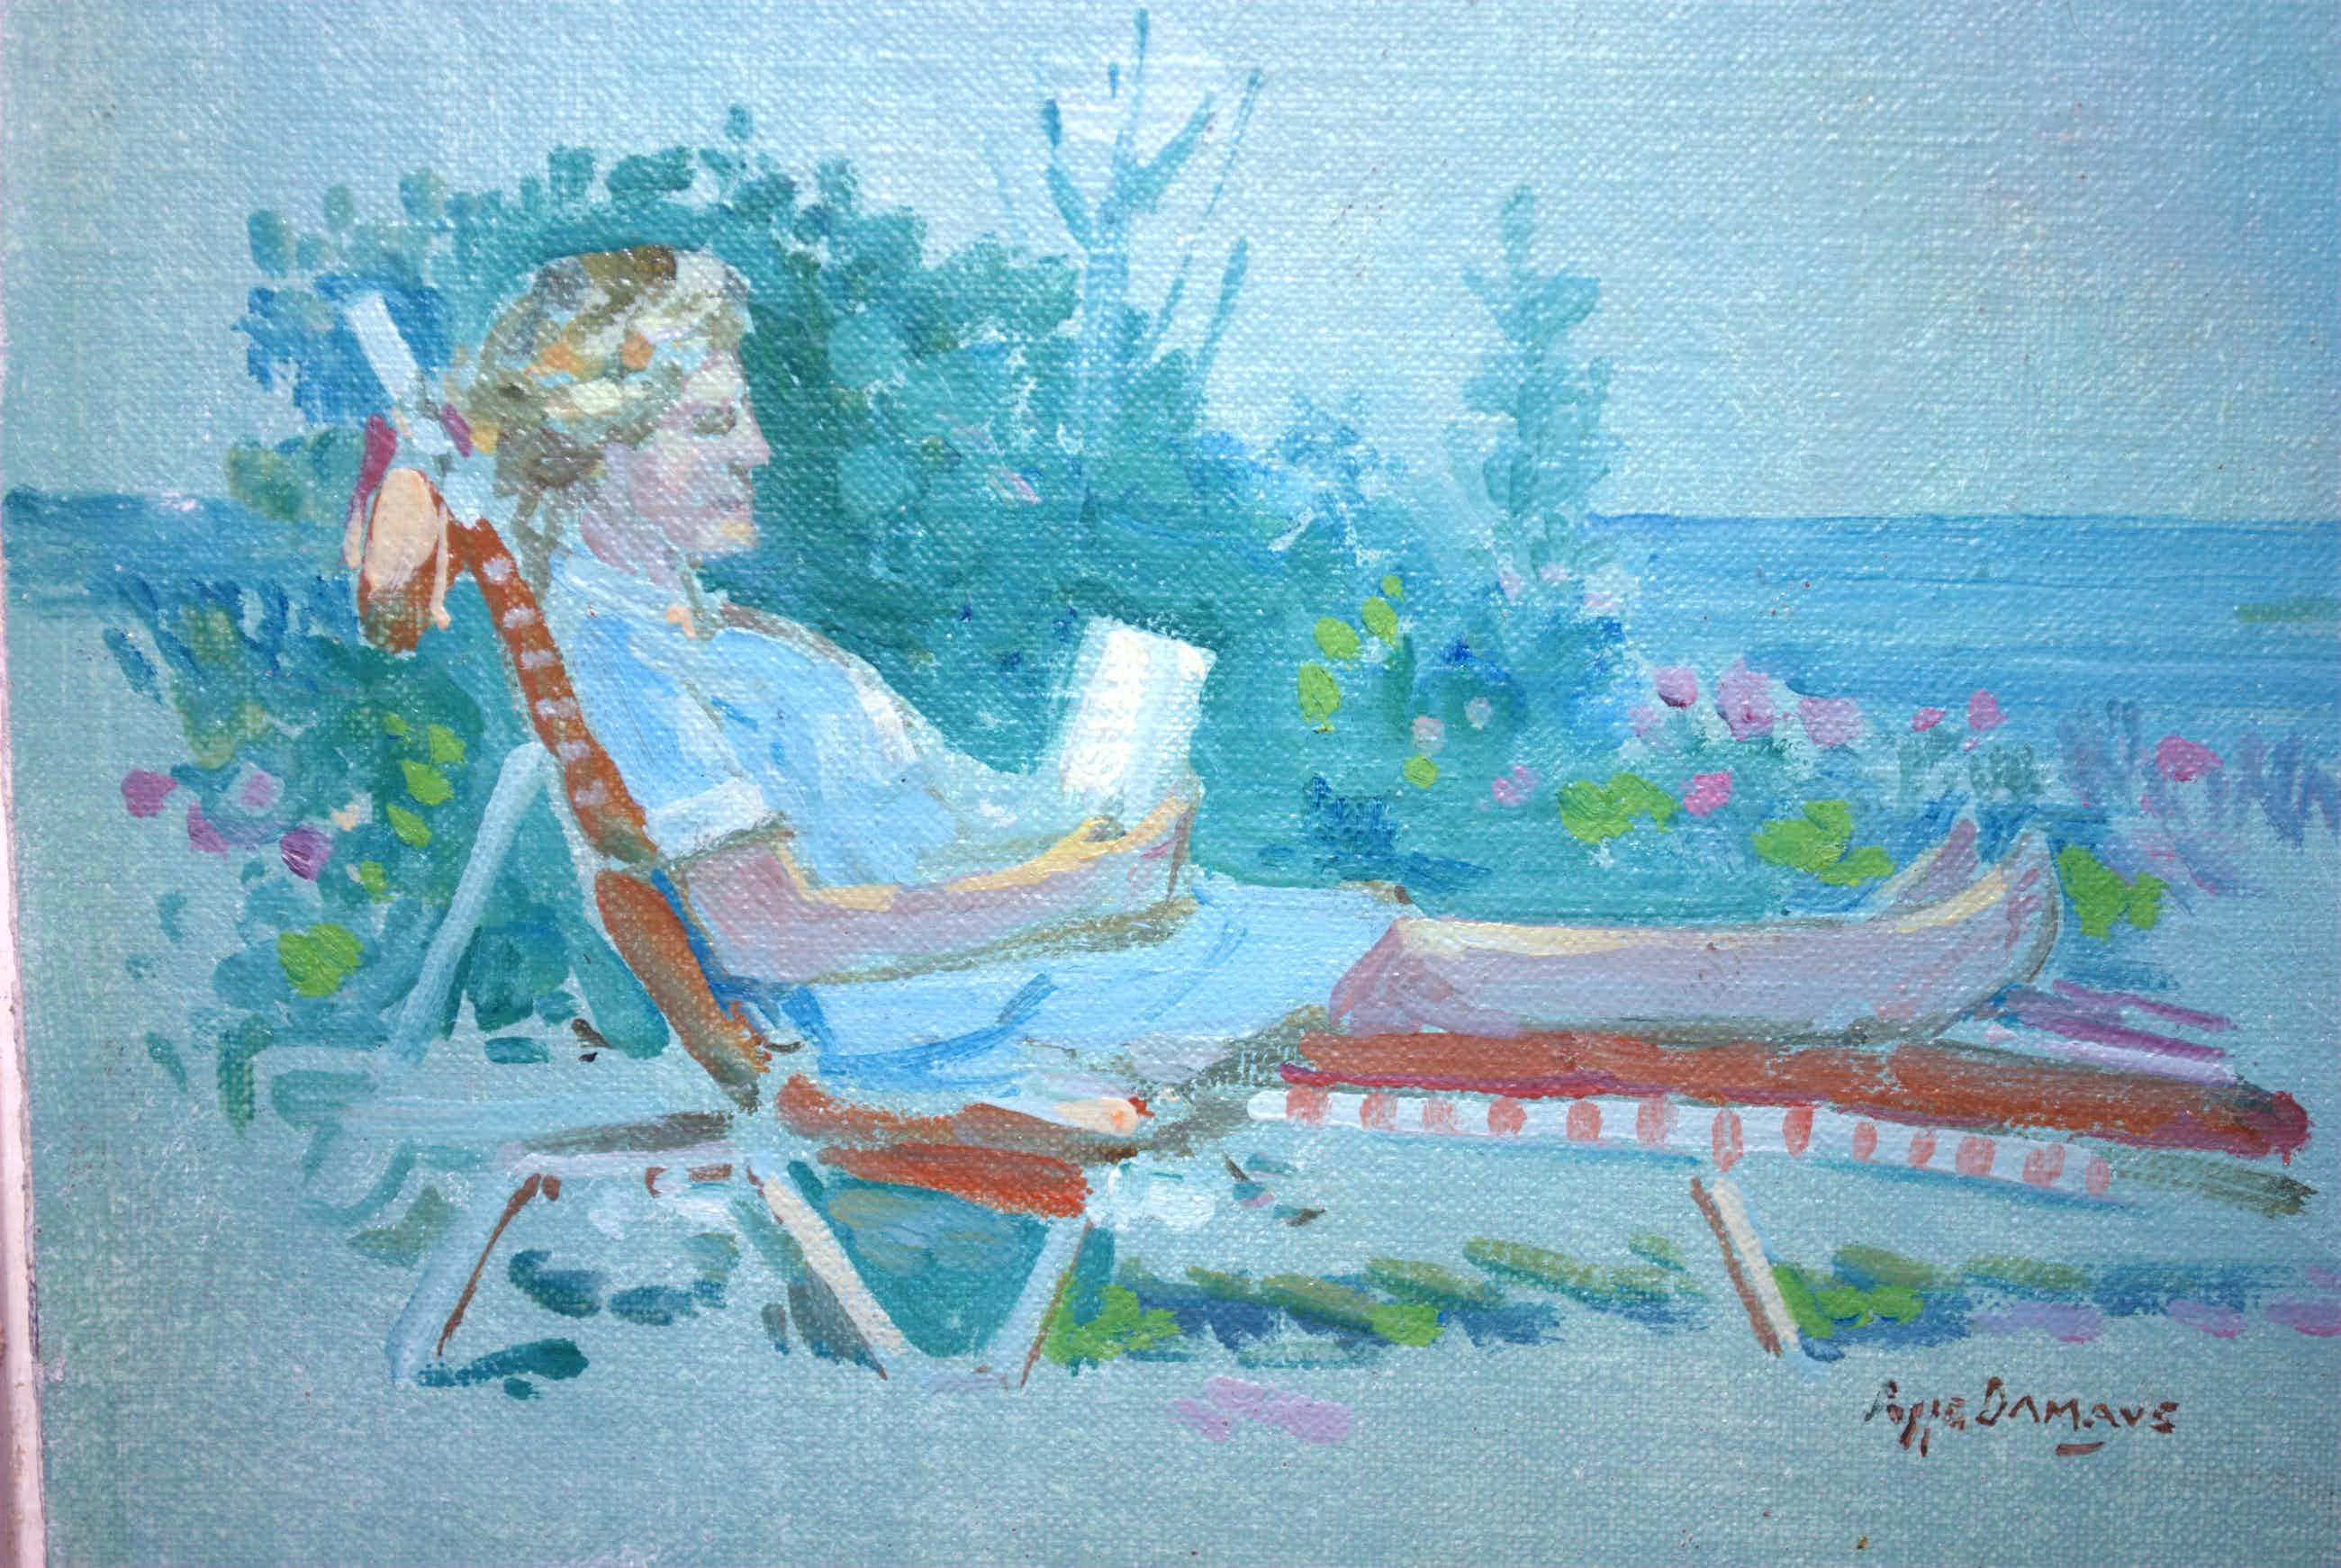 Poppe Damave - Lezende dame in een ligstoel - olieverf kopen? Bied vanaf 35!